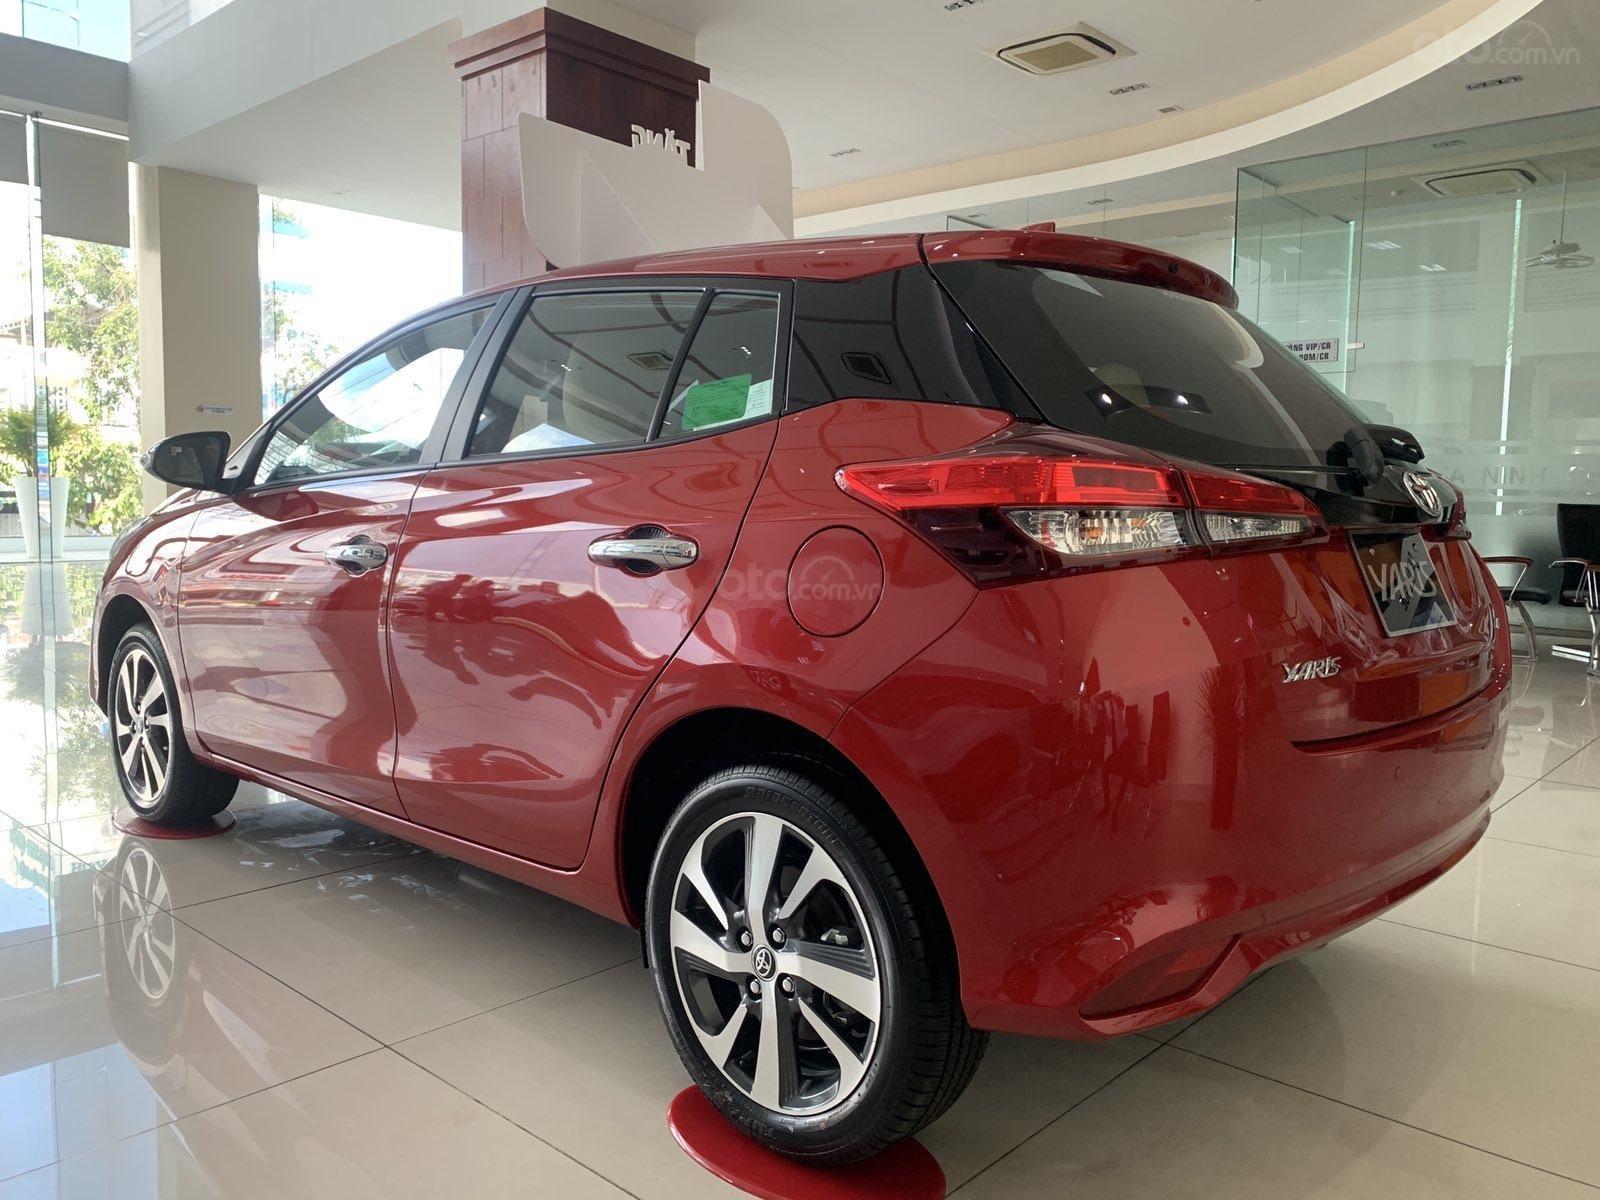 Bán Toyota Yaris 2020, màu đỏ, nhập khẩu Thái Lan (3)